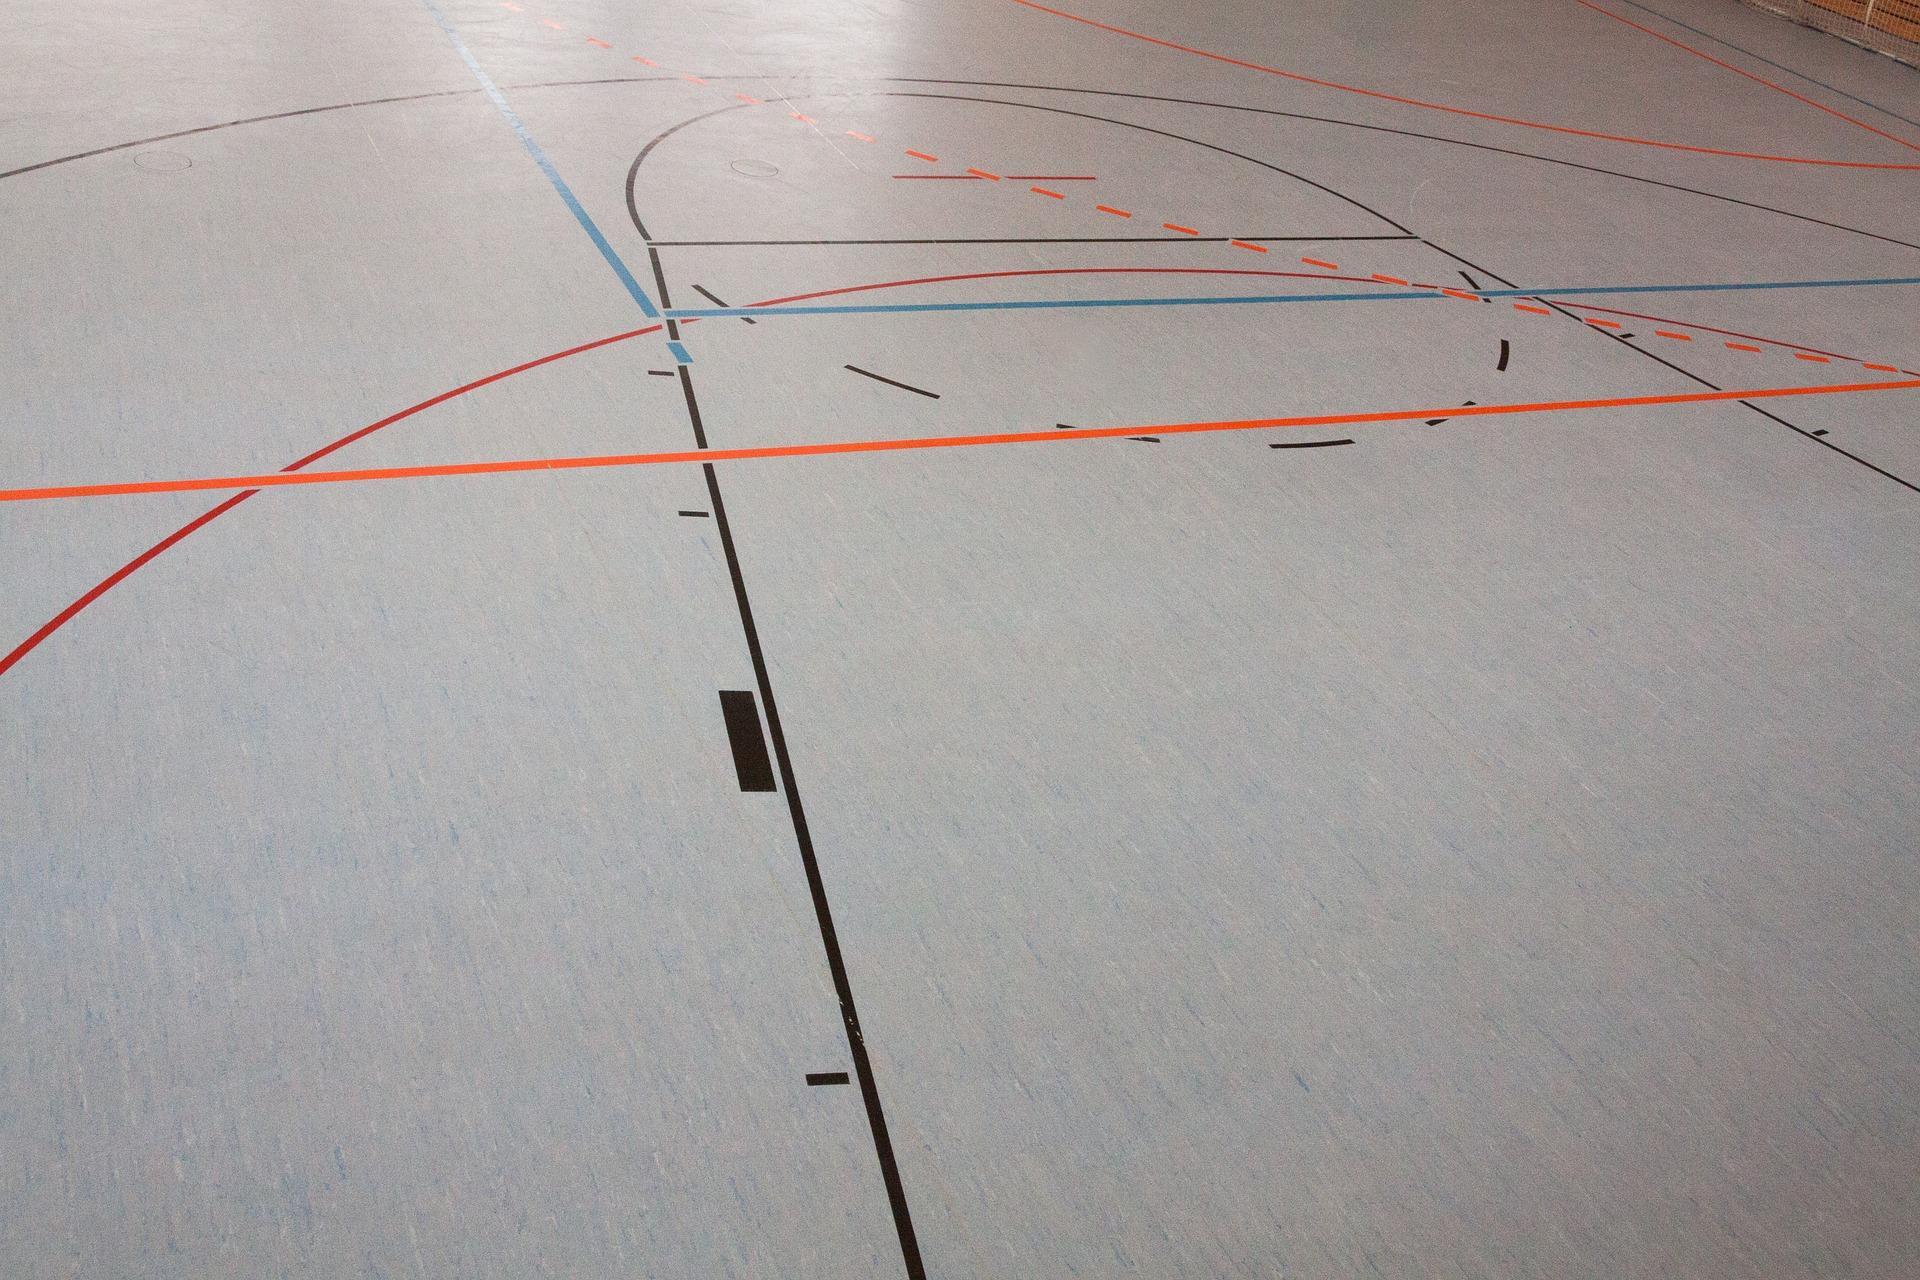 Die Kletterhalle des Alpenvereins - und die Berliner Sportförderung